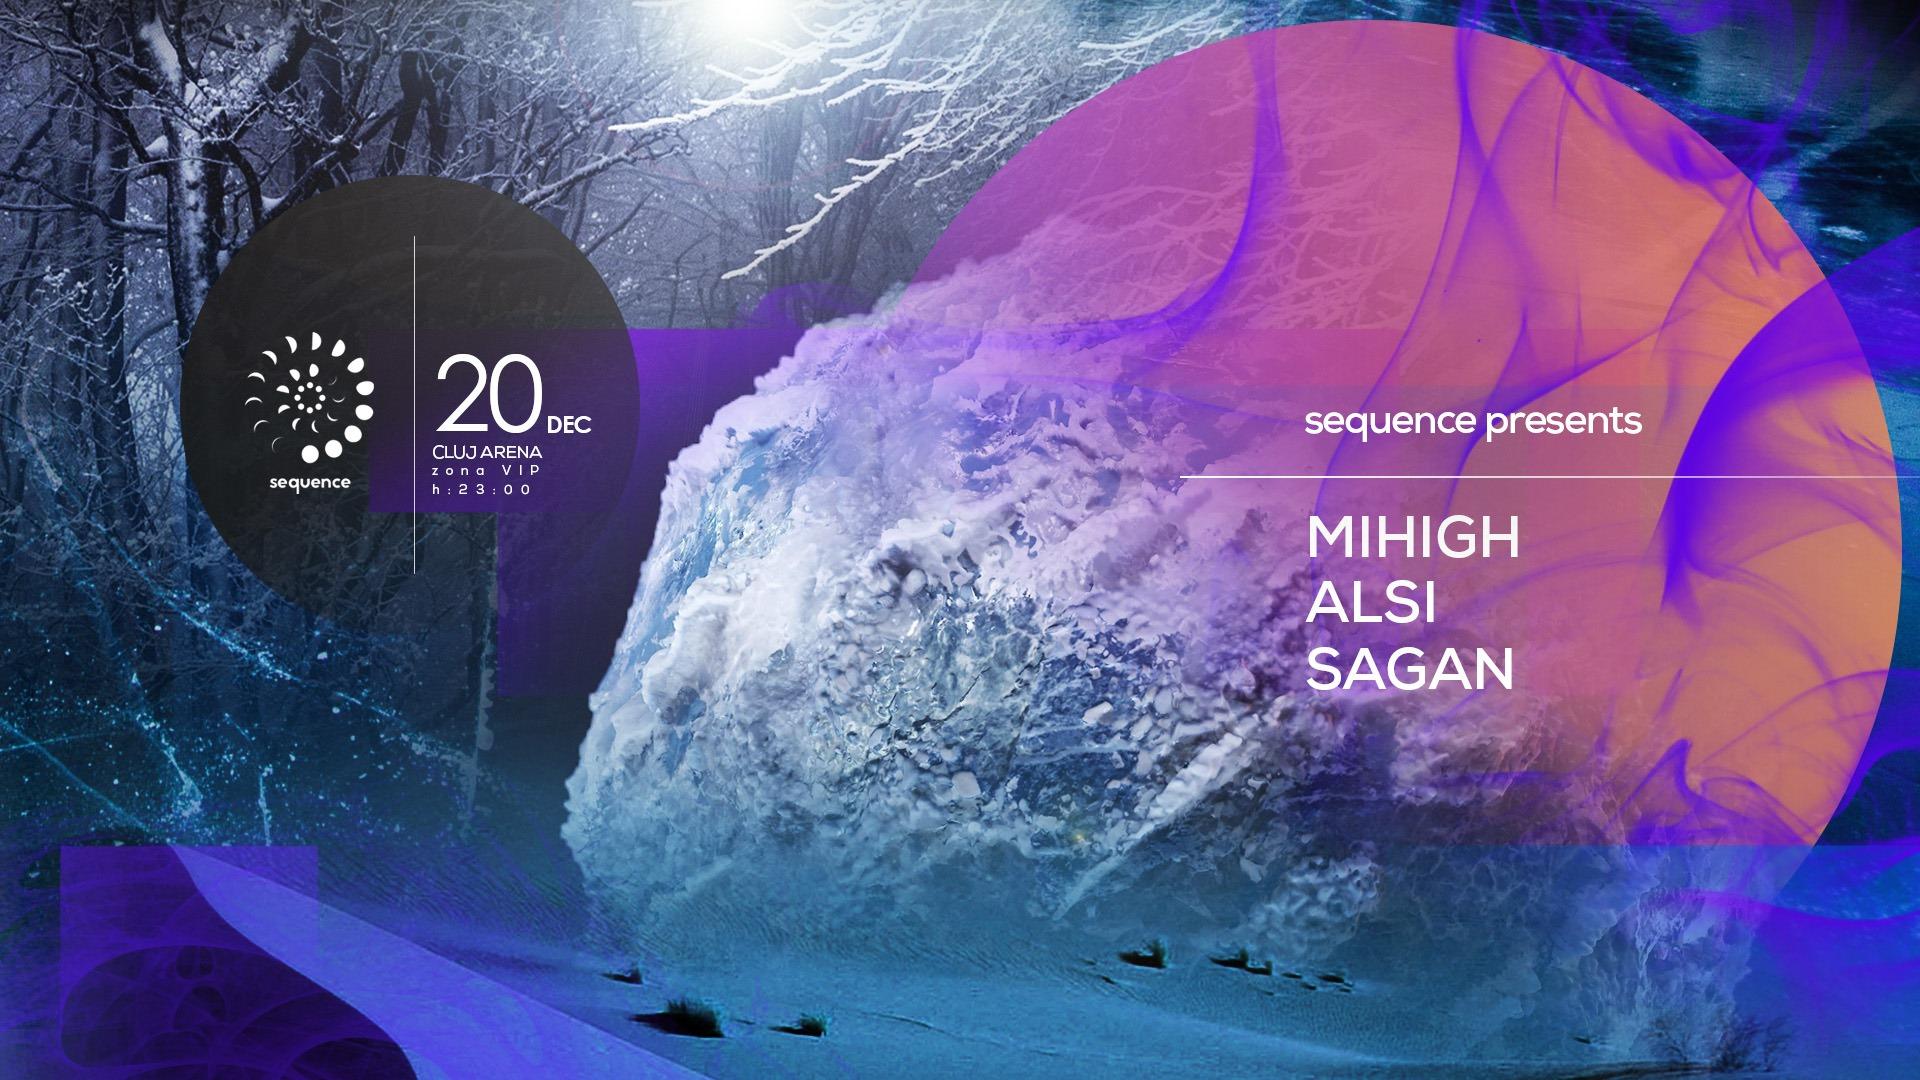 Sequence pres. Mihigh / Alsi / Sagan